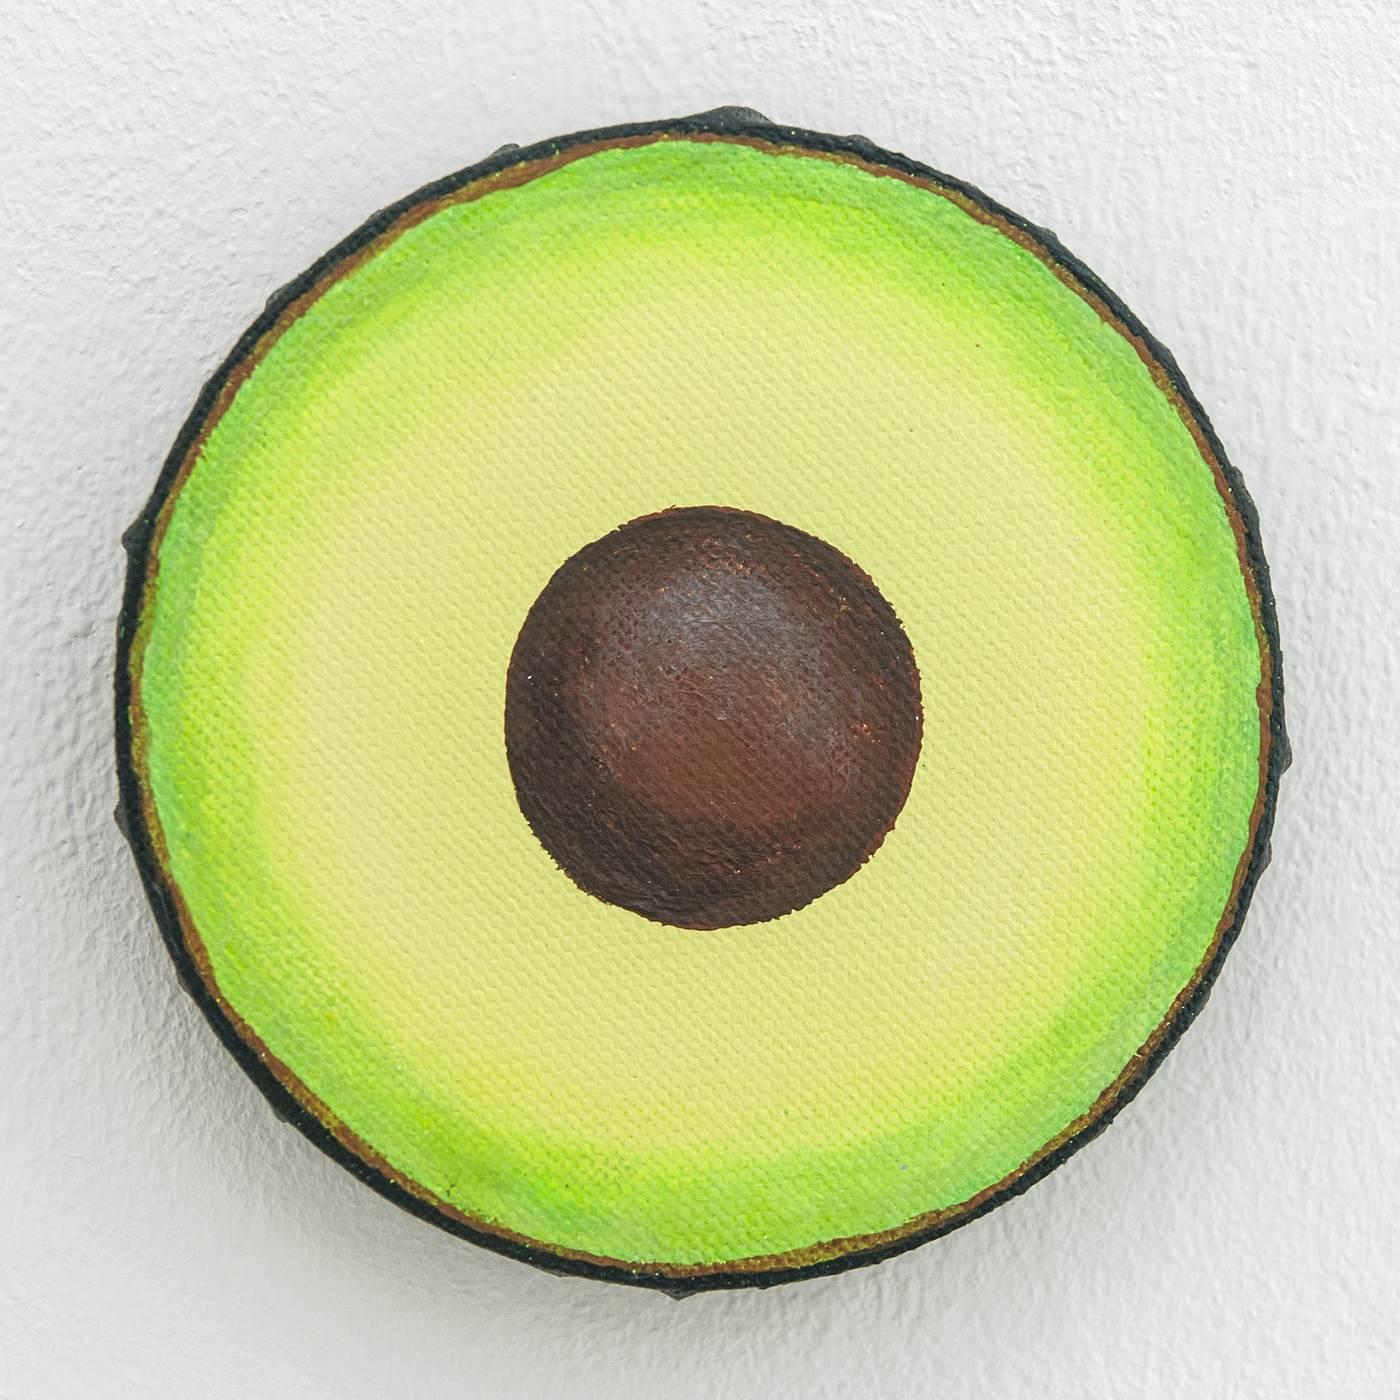 12.Avocado